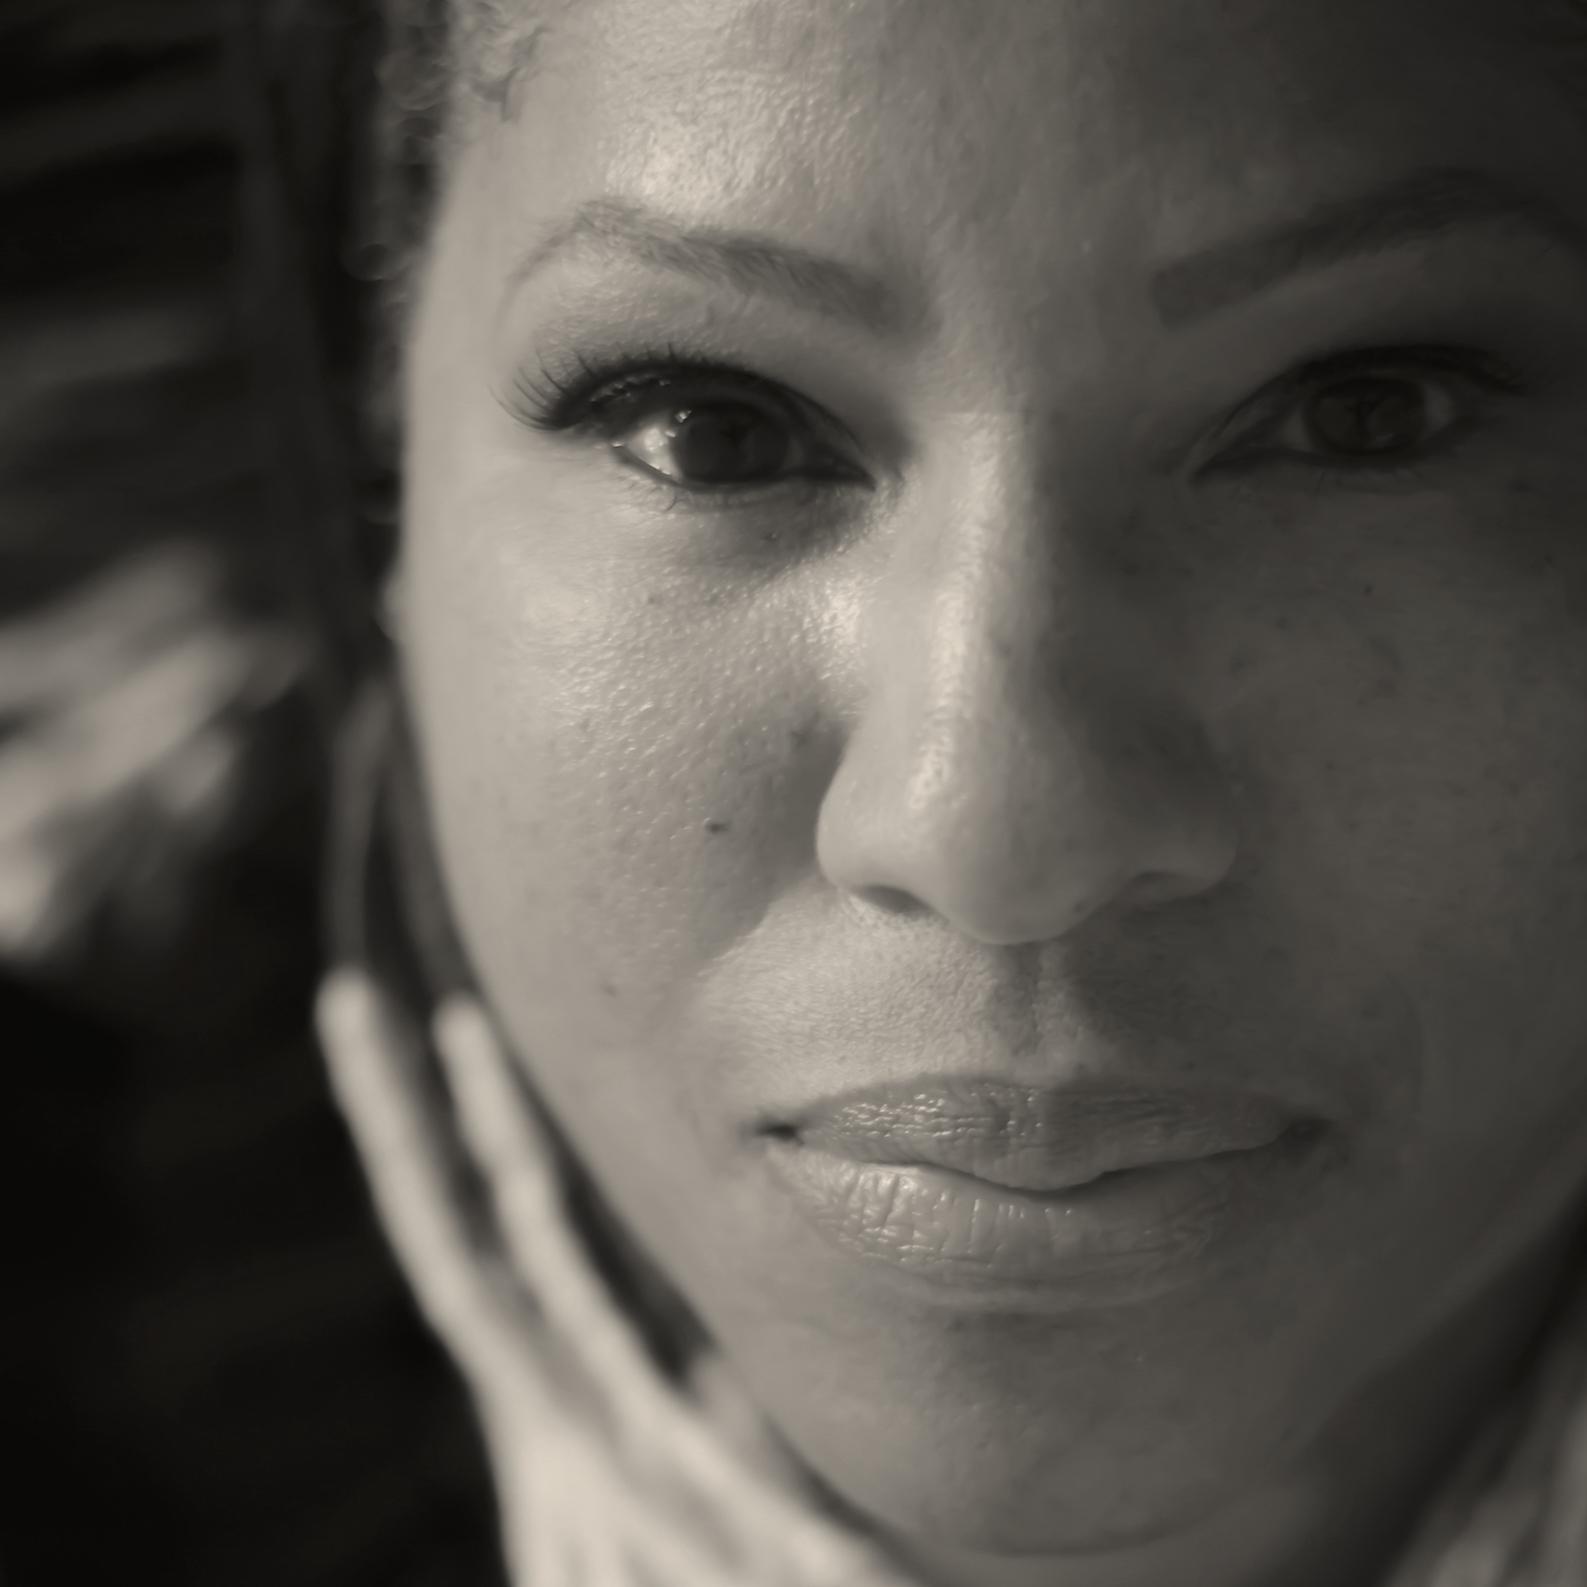 Ayoka Chenzira_portrait_small_bw.jpg